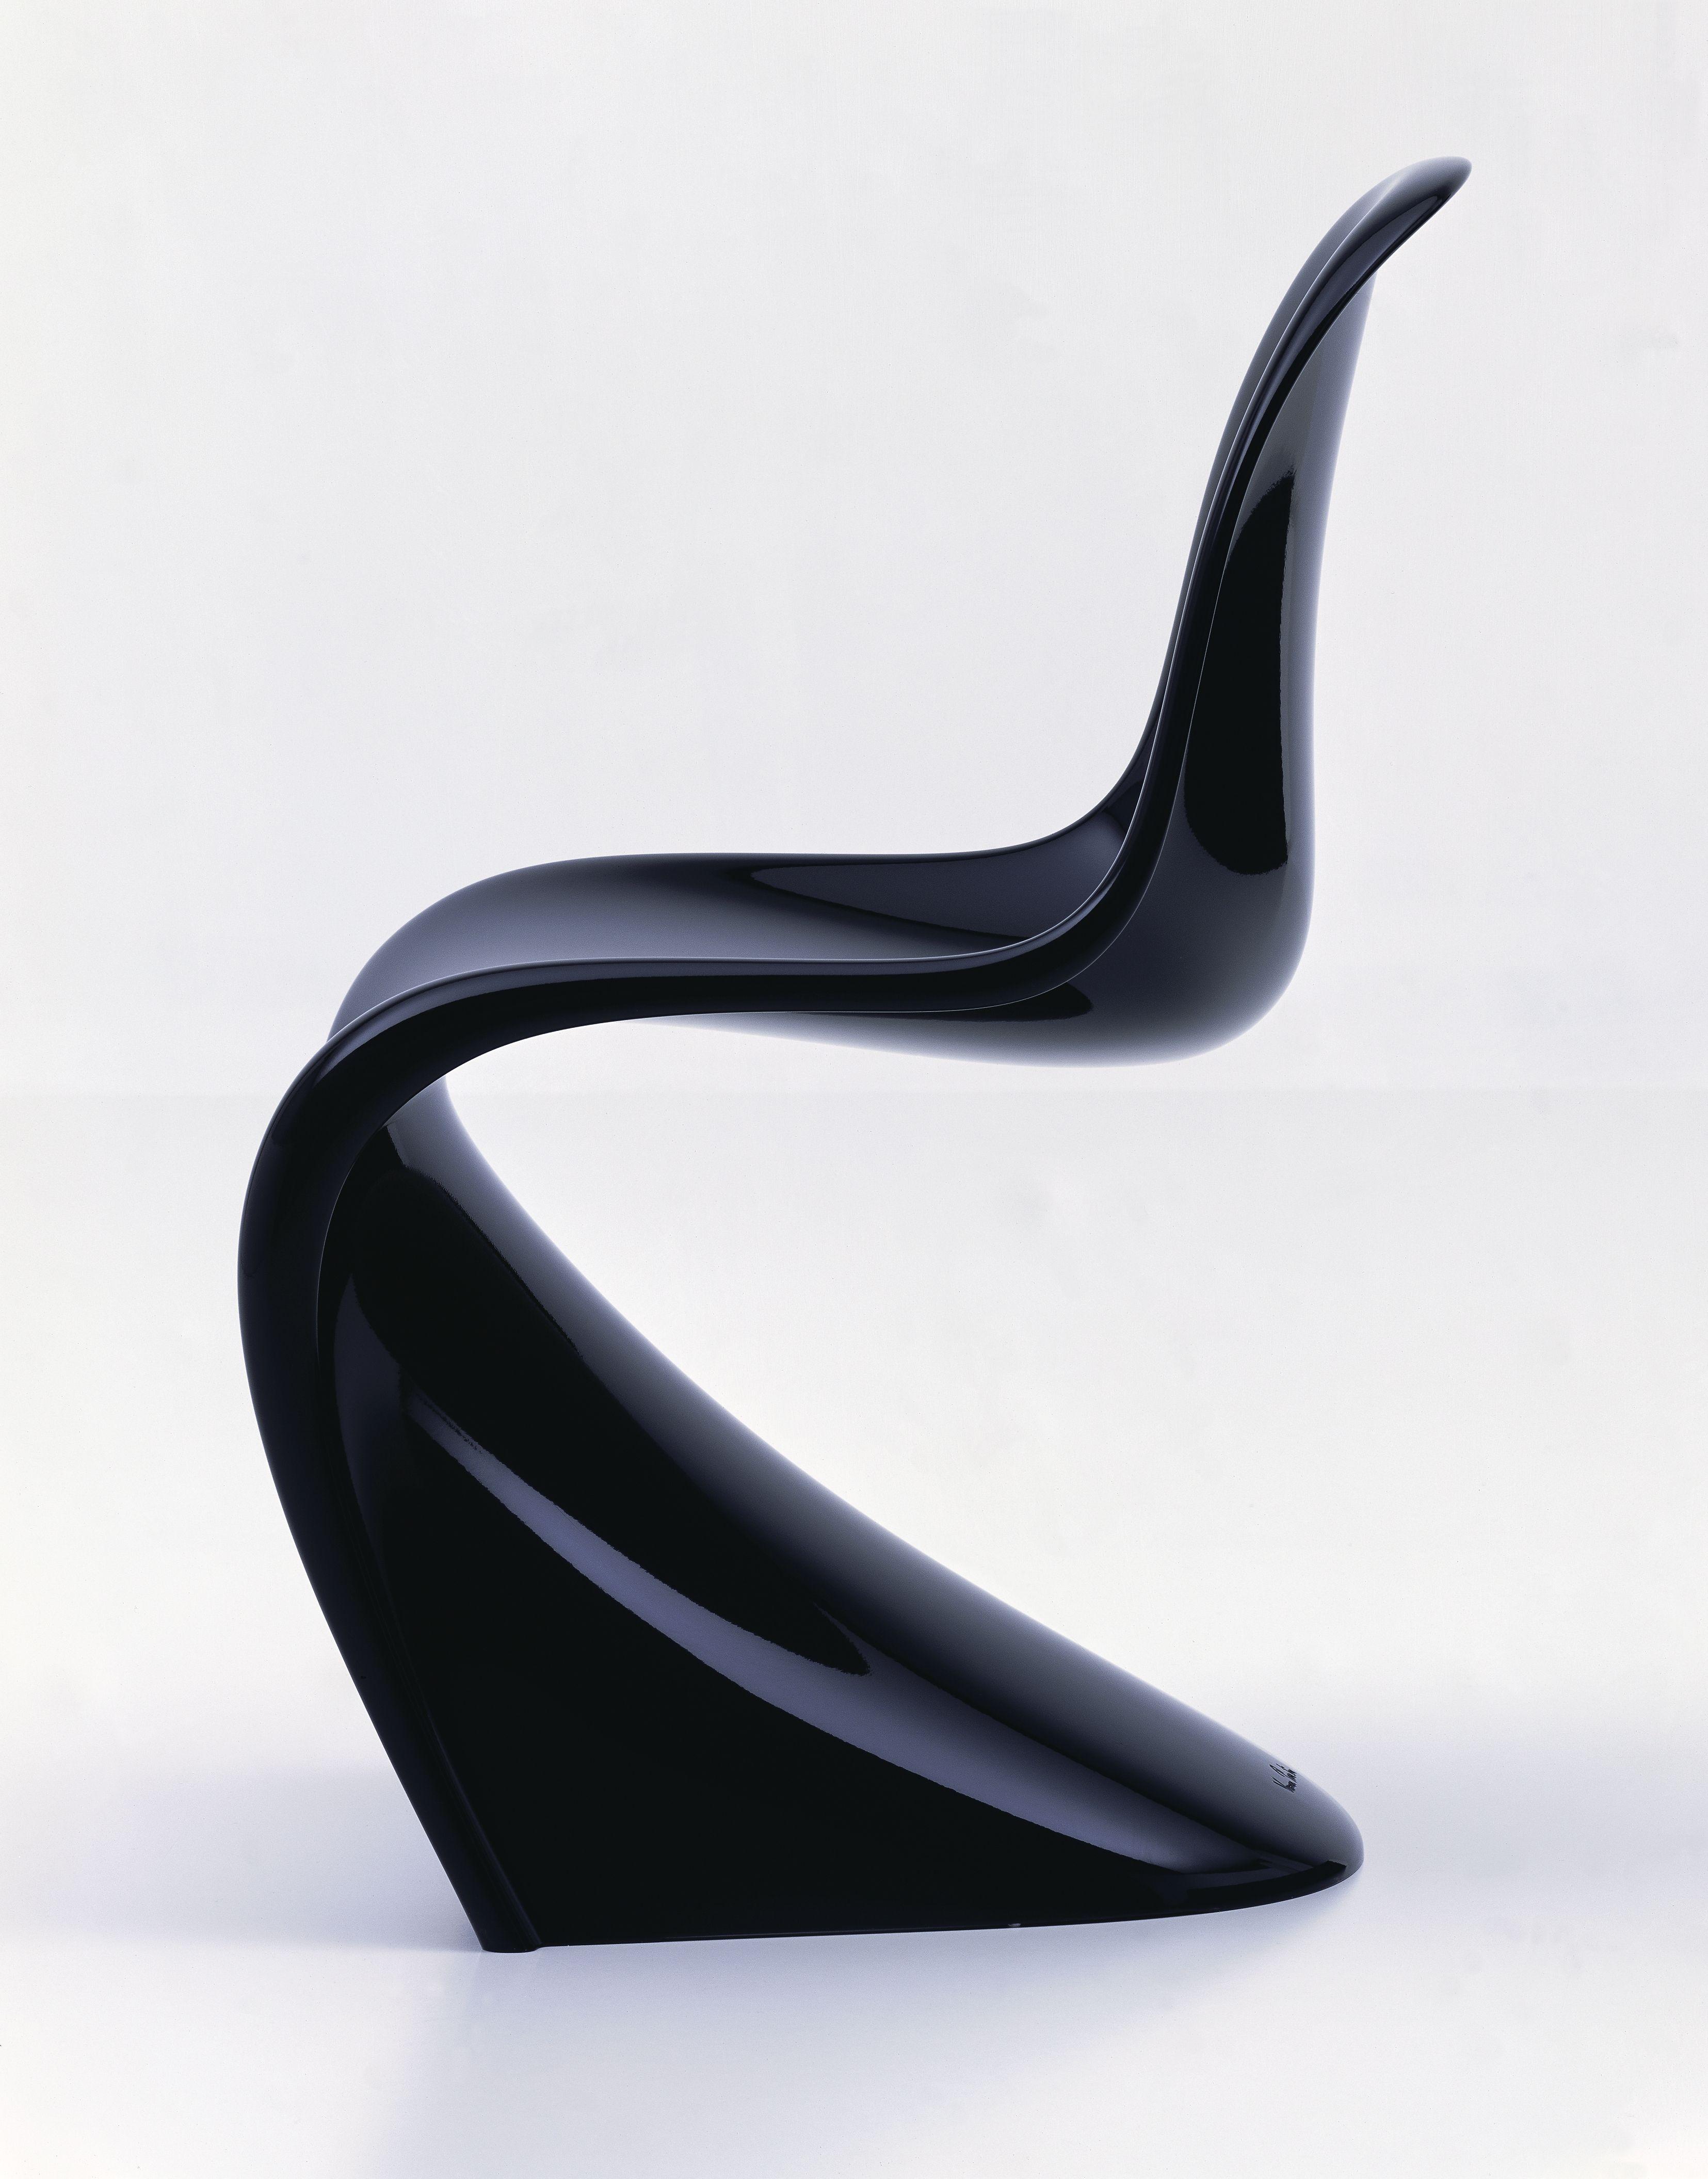 La Chaise Panton Par Le Fabricant Vitra Conue Verner